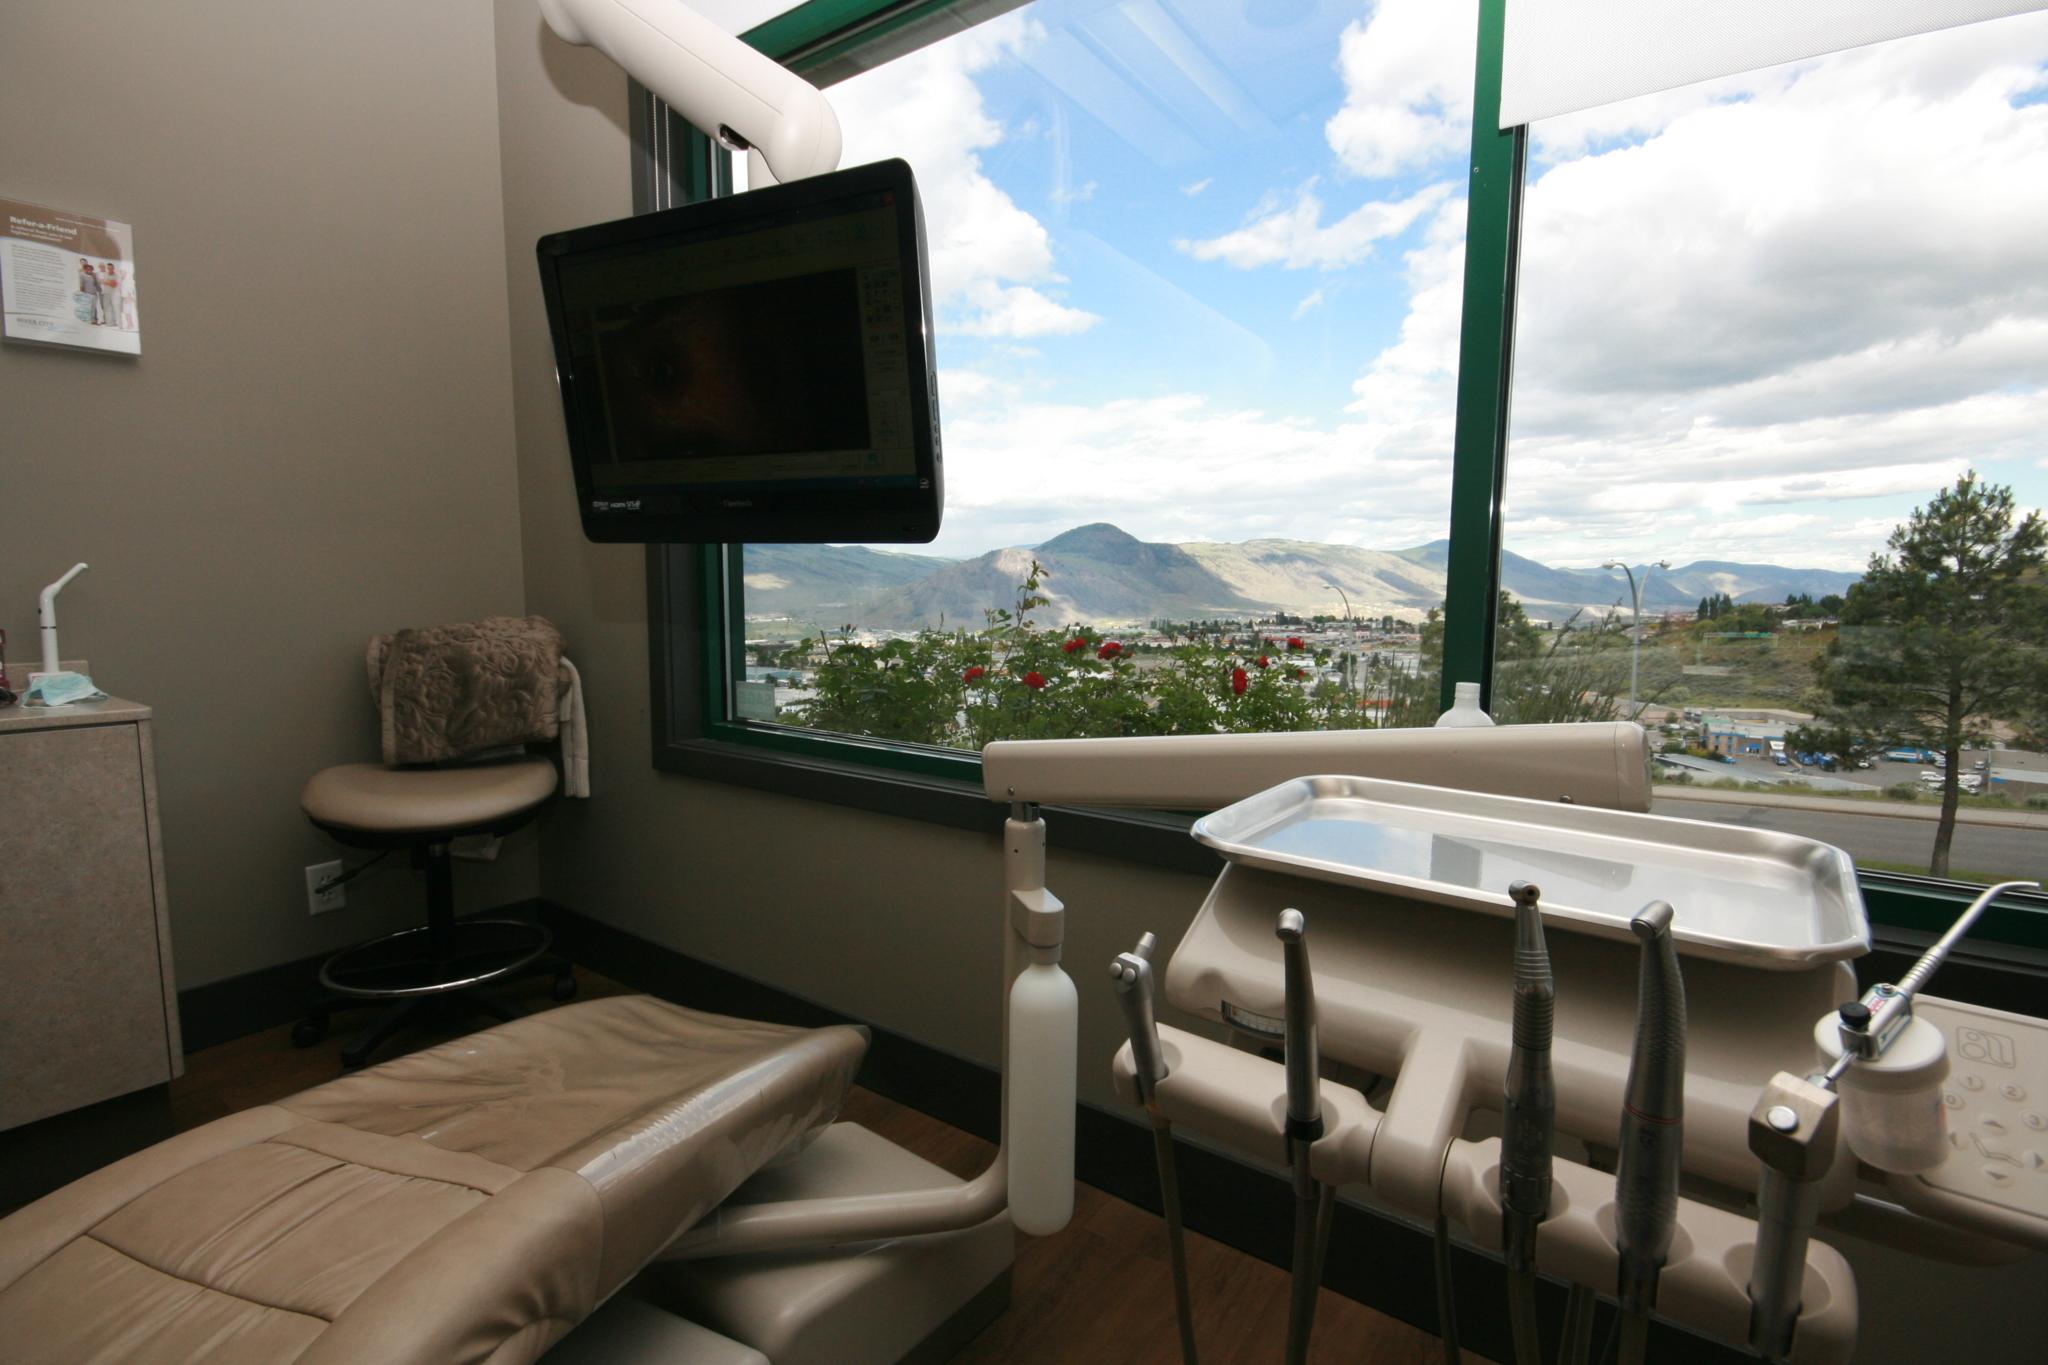 River City Dental Kamloops (250)374-2646